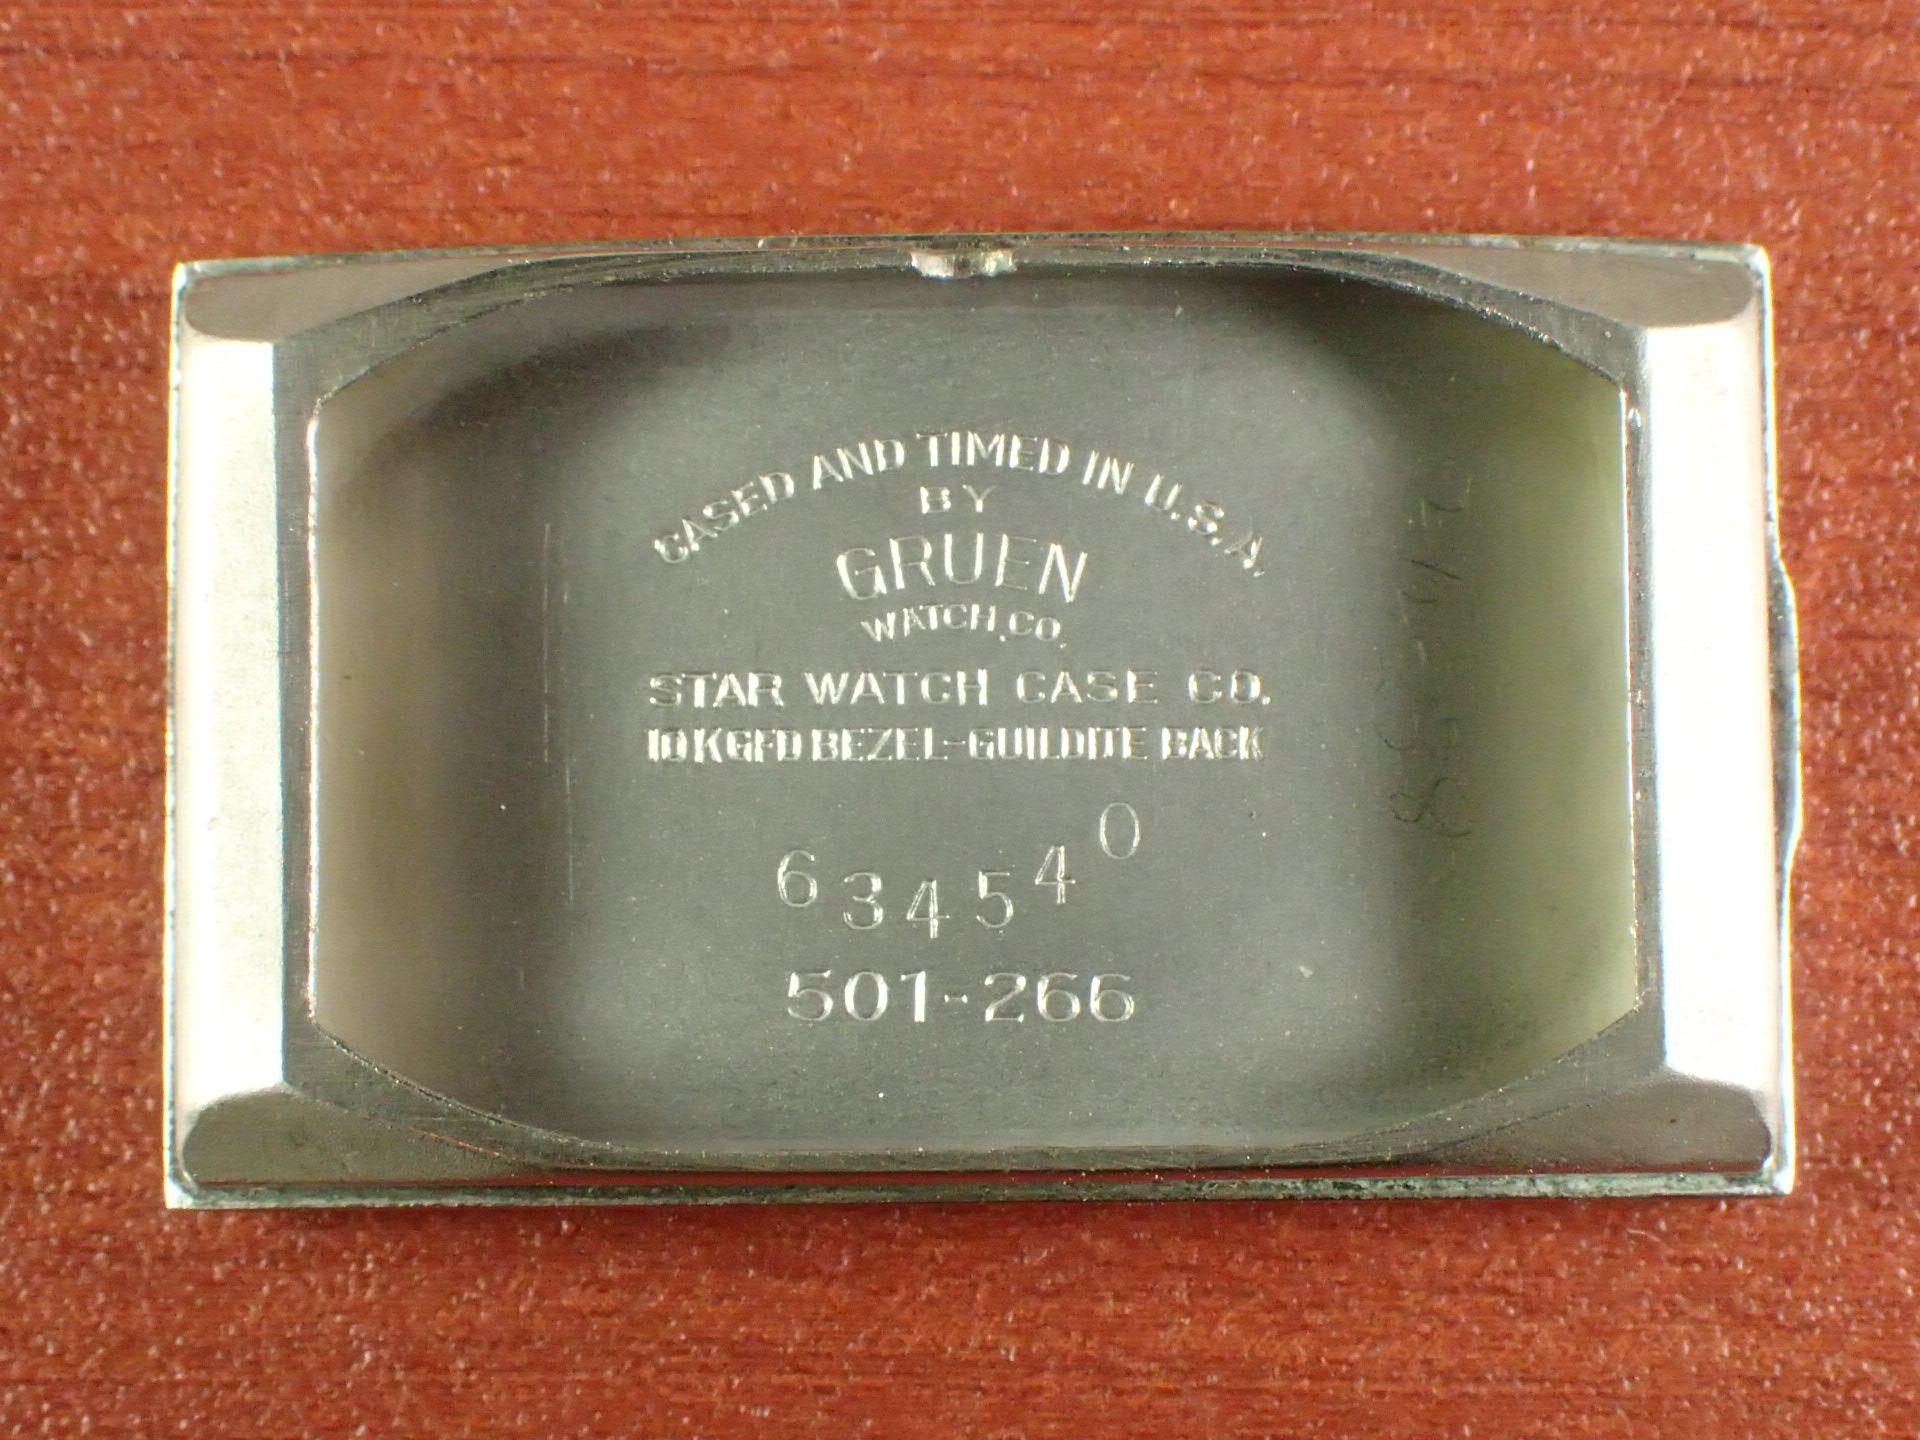 グリュエン 10KYGF/SS レクタンギュラー Cal.500 ブレゲインデックス 1930年代の写真6枚目